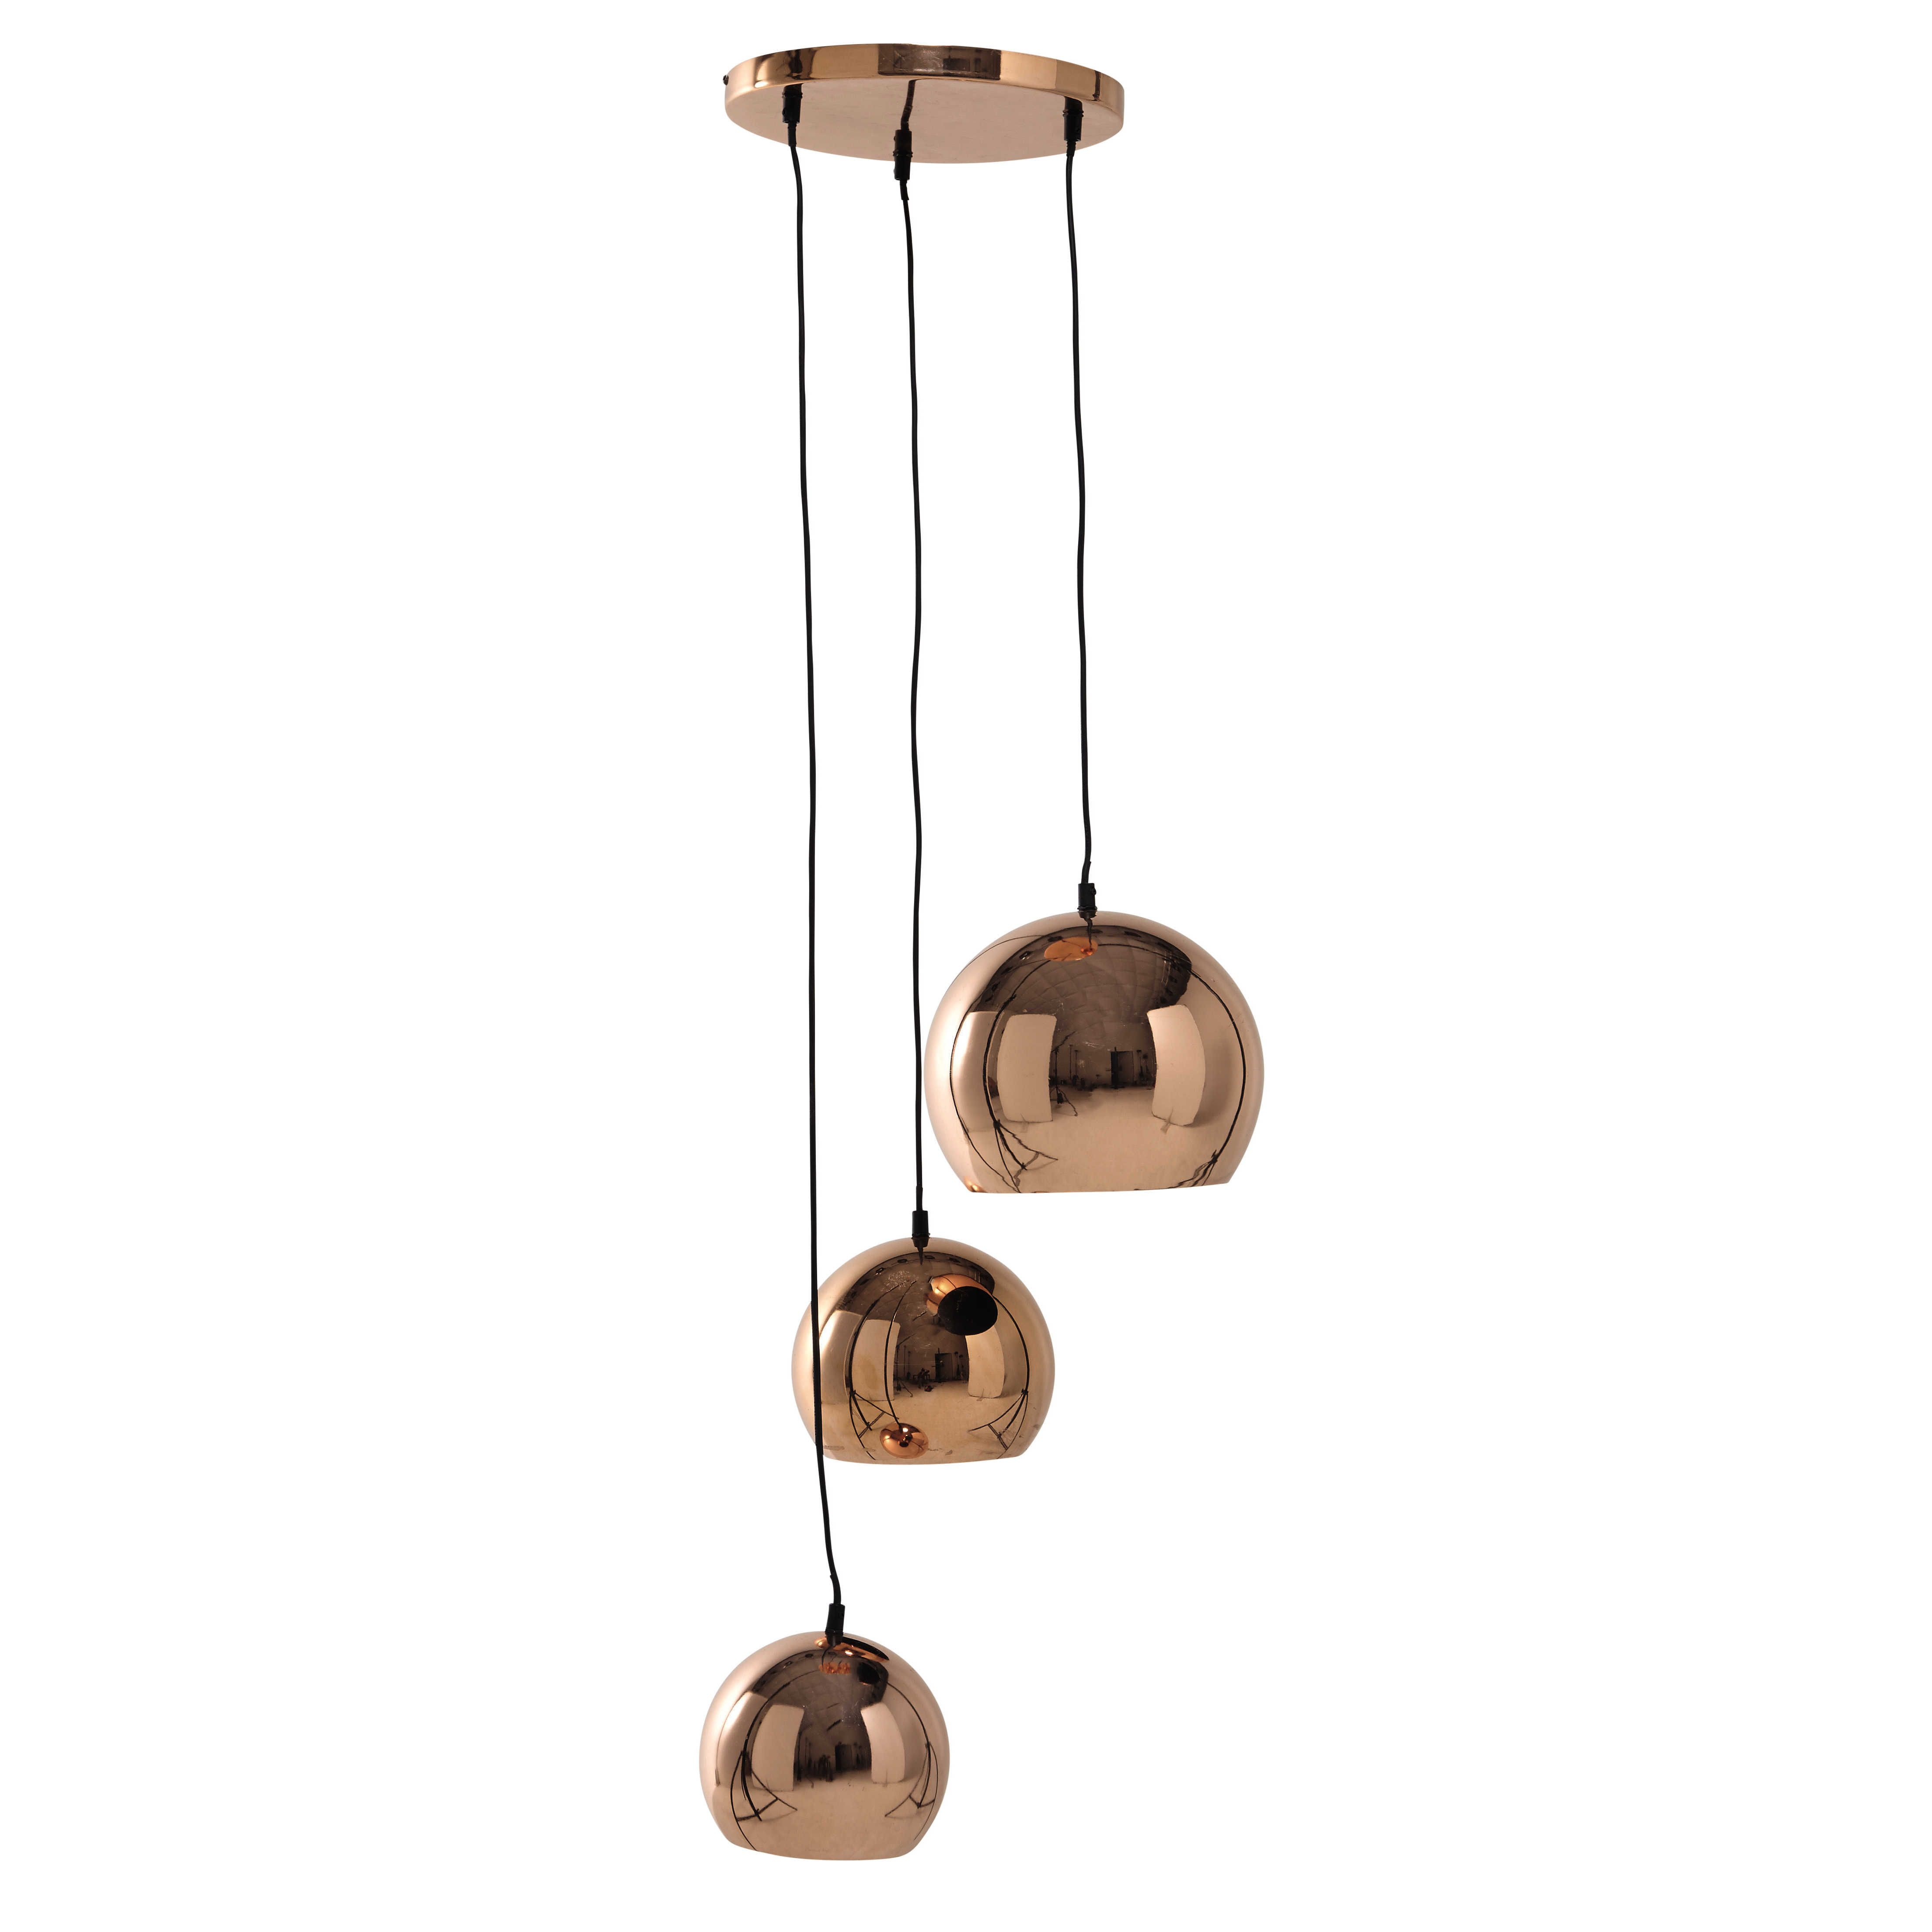 Hängeleuchte CHLOÉ mit 3 Lampenschirmen aus Metall, D 36 cm, kupferfarben